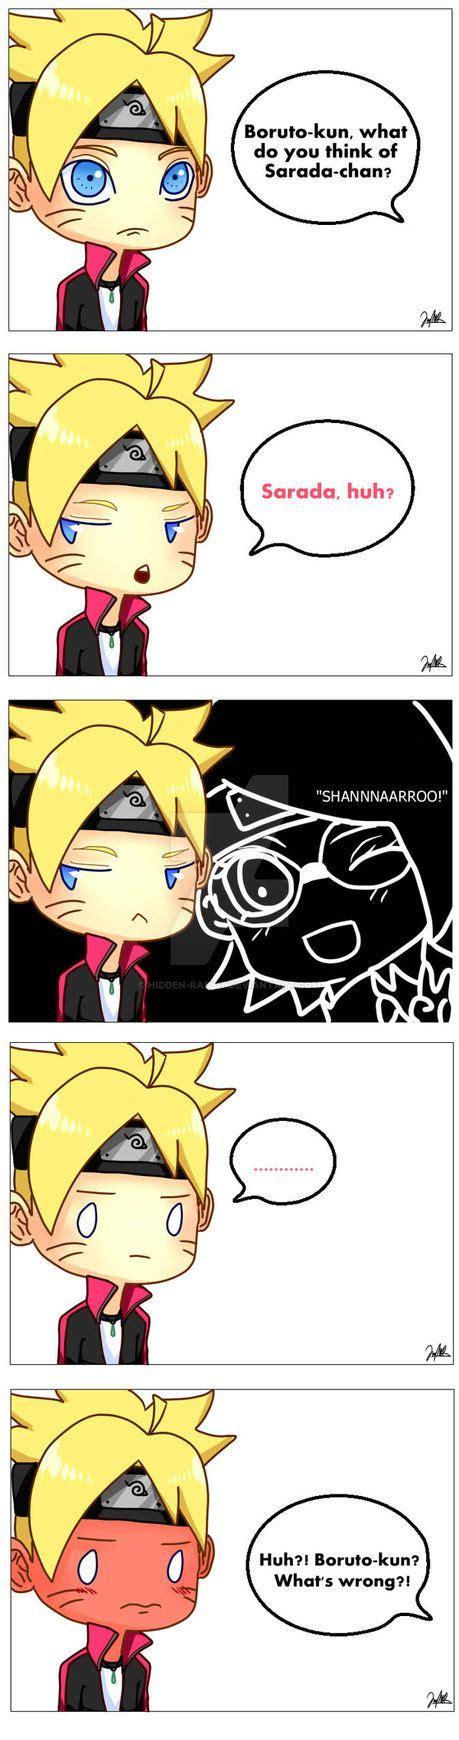 boruto x sarada 272 best boruto x sarada images on pinterest anime